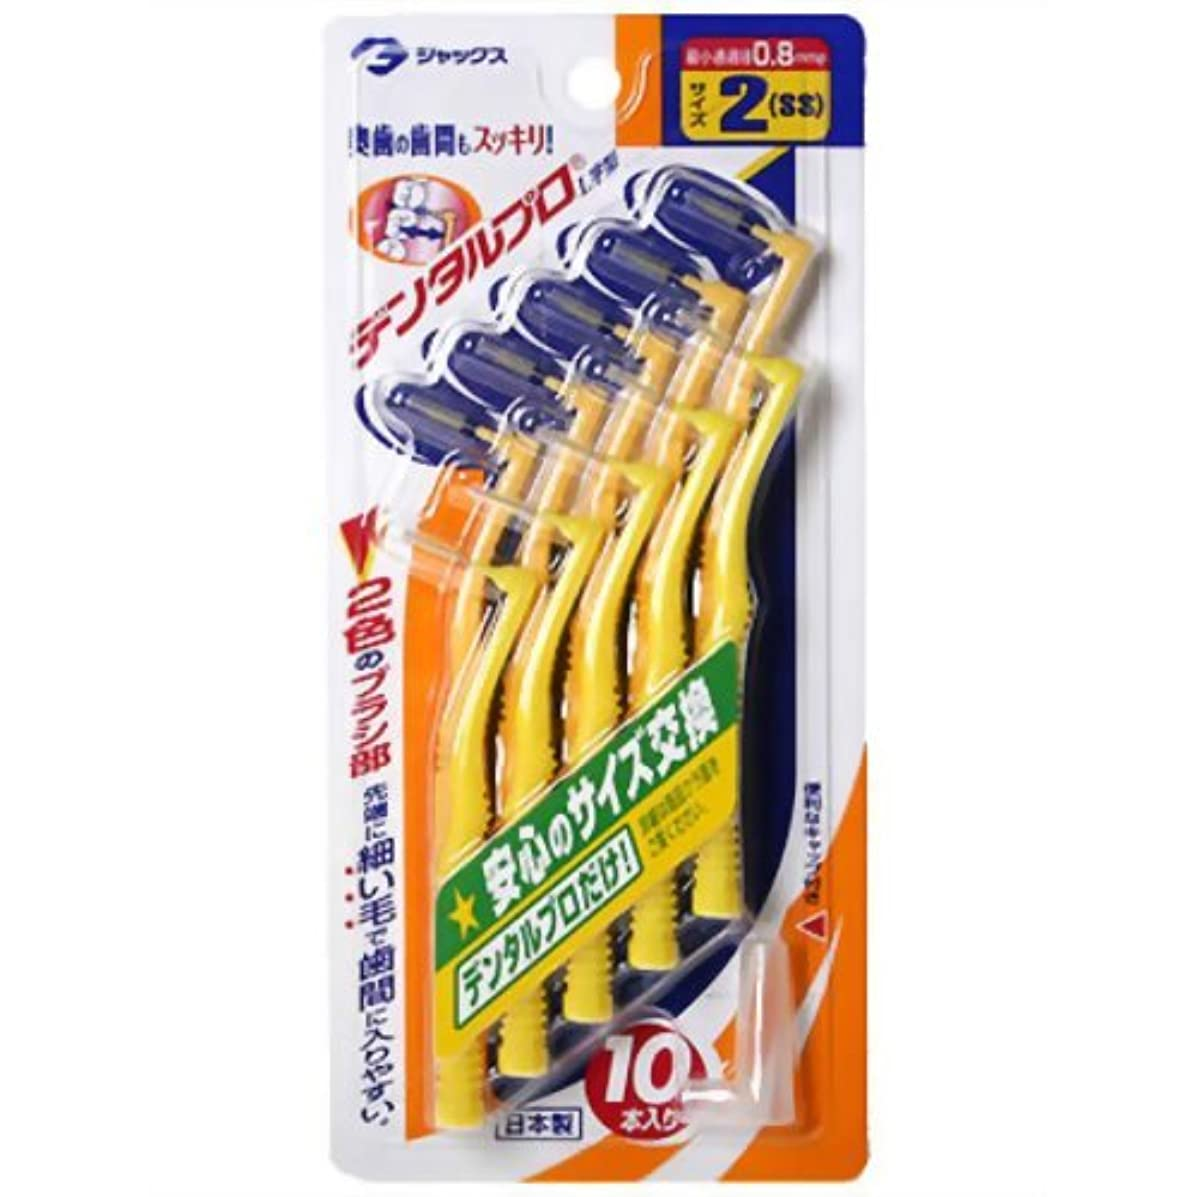 インデックスストレスの多い代数的デンタルプロ L字型歯間ブラシ サイズ2(SS) ×8個セット